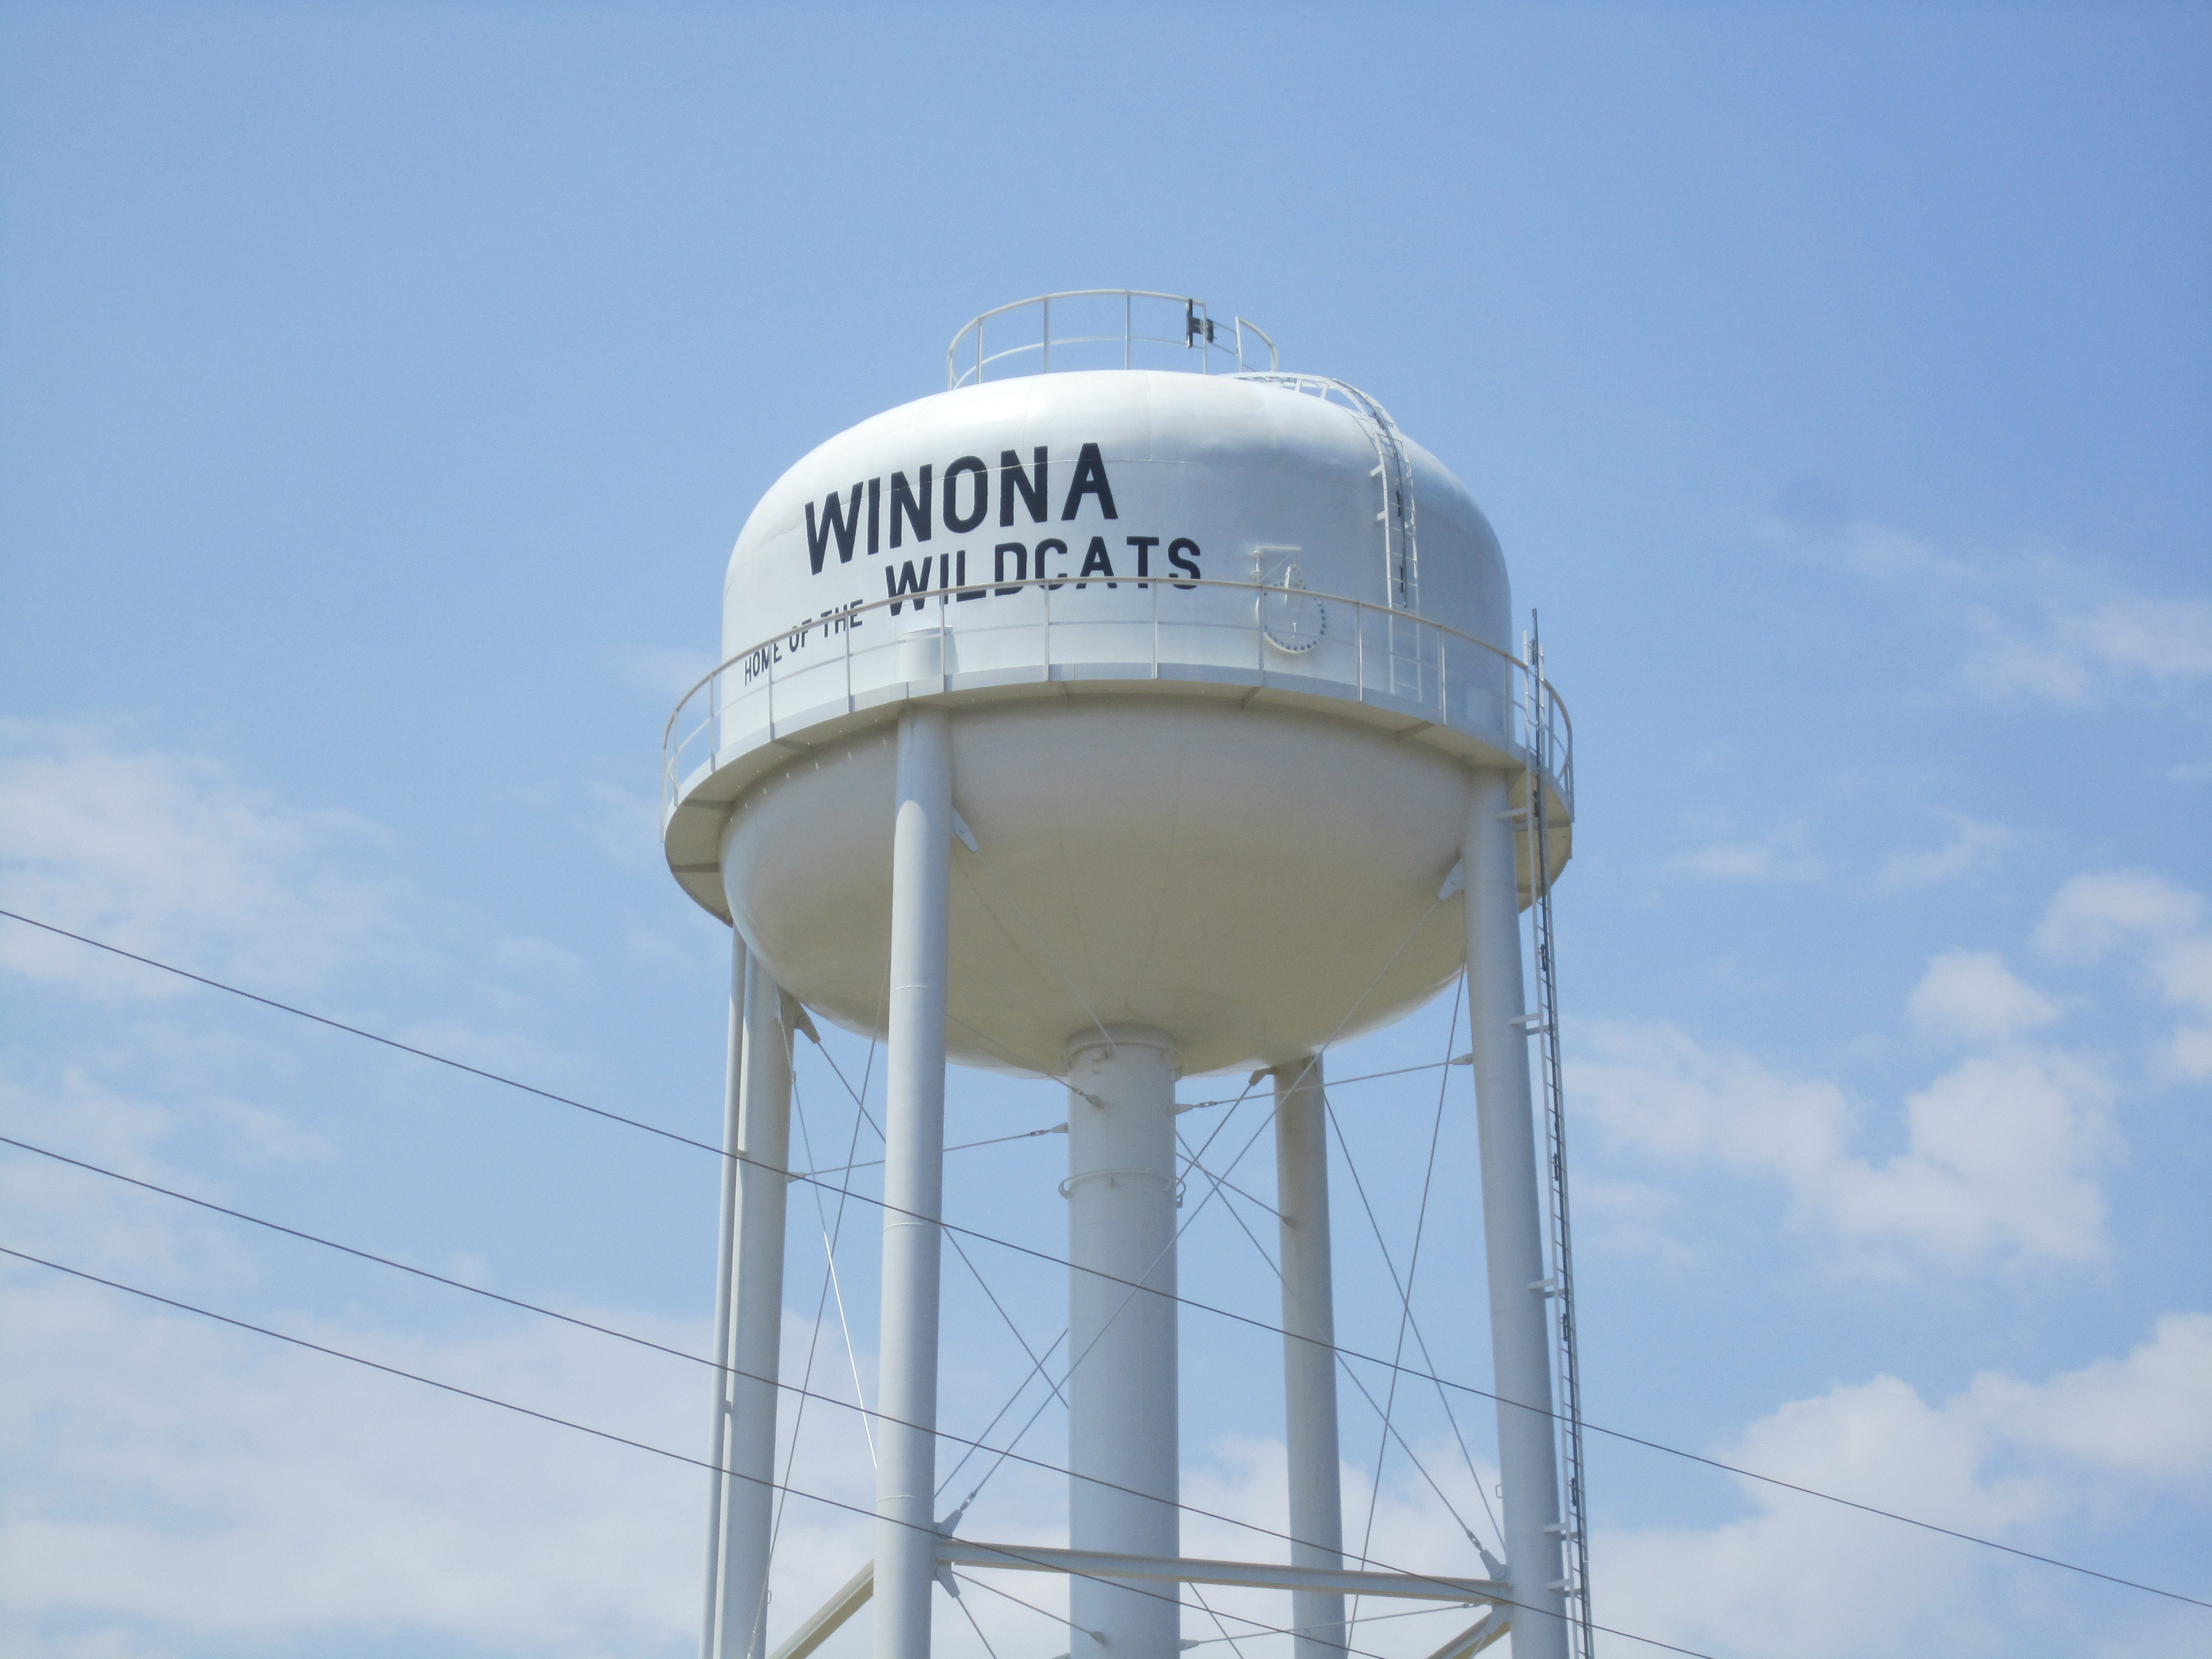 Winona, Texas